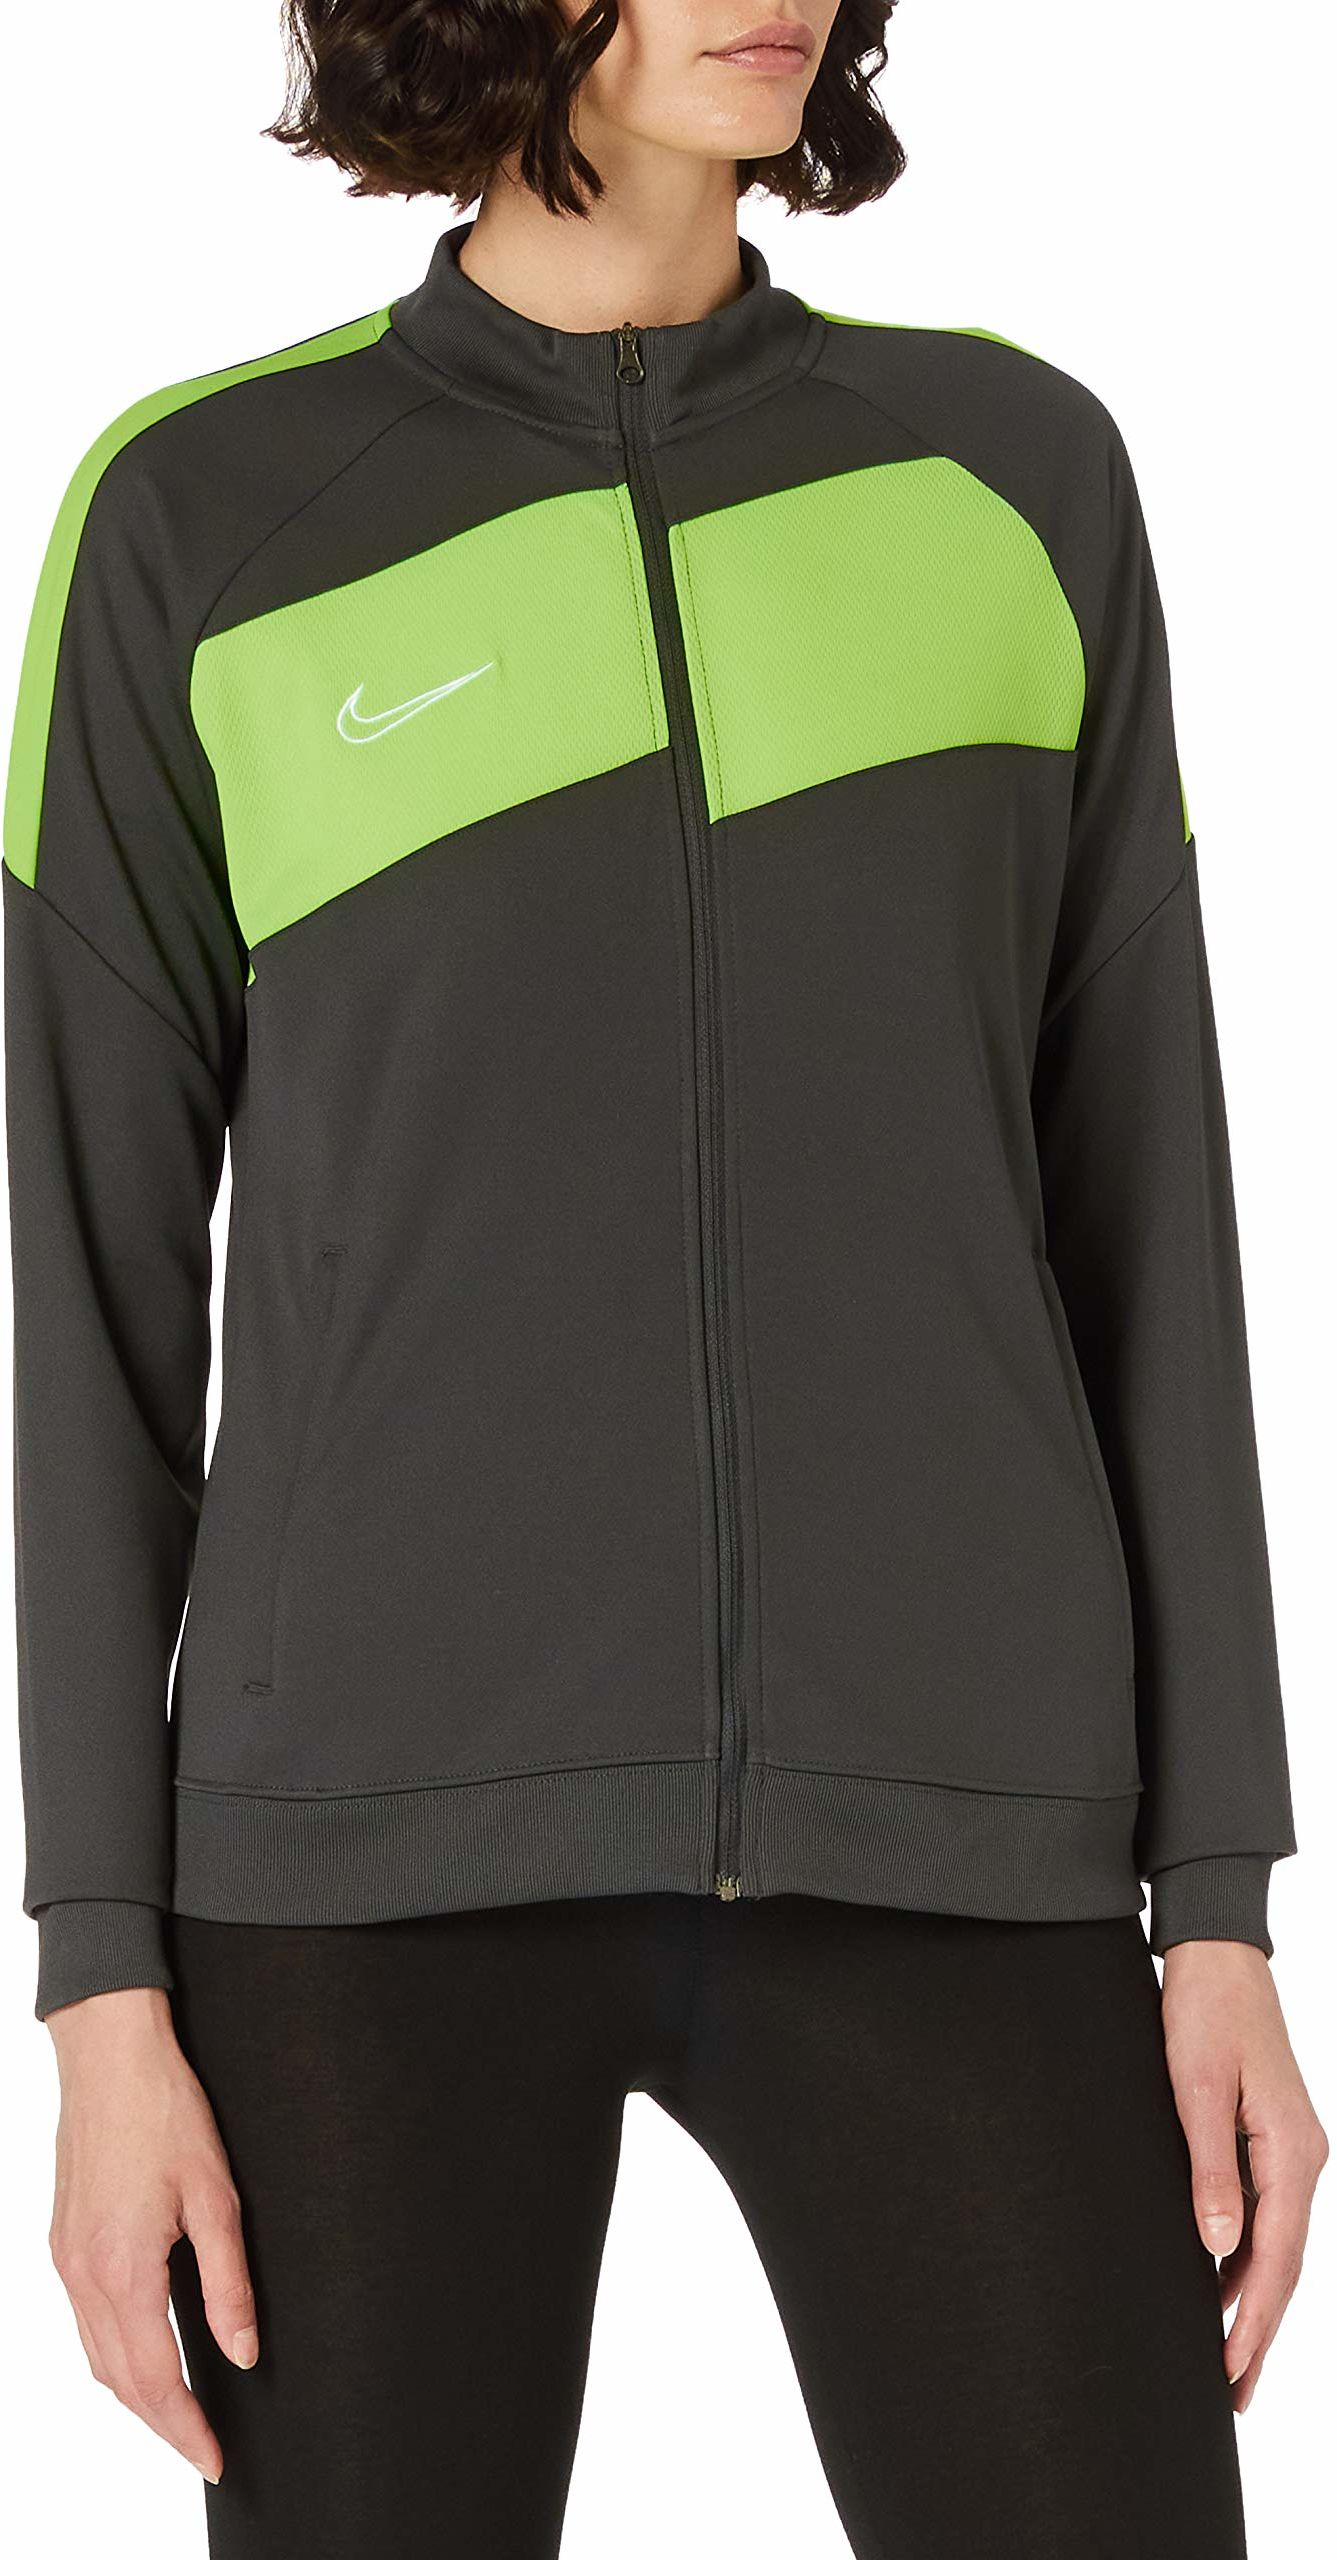 Nike Damska kurtka treningowa Academy Pro Knit Track grau - grün XL